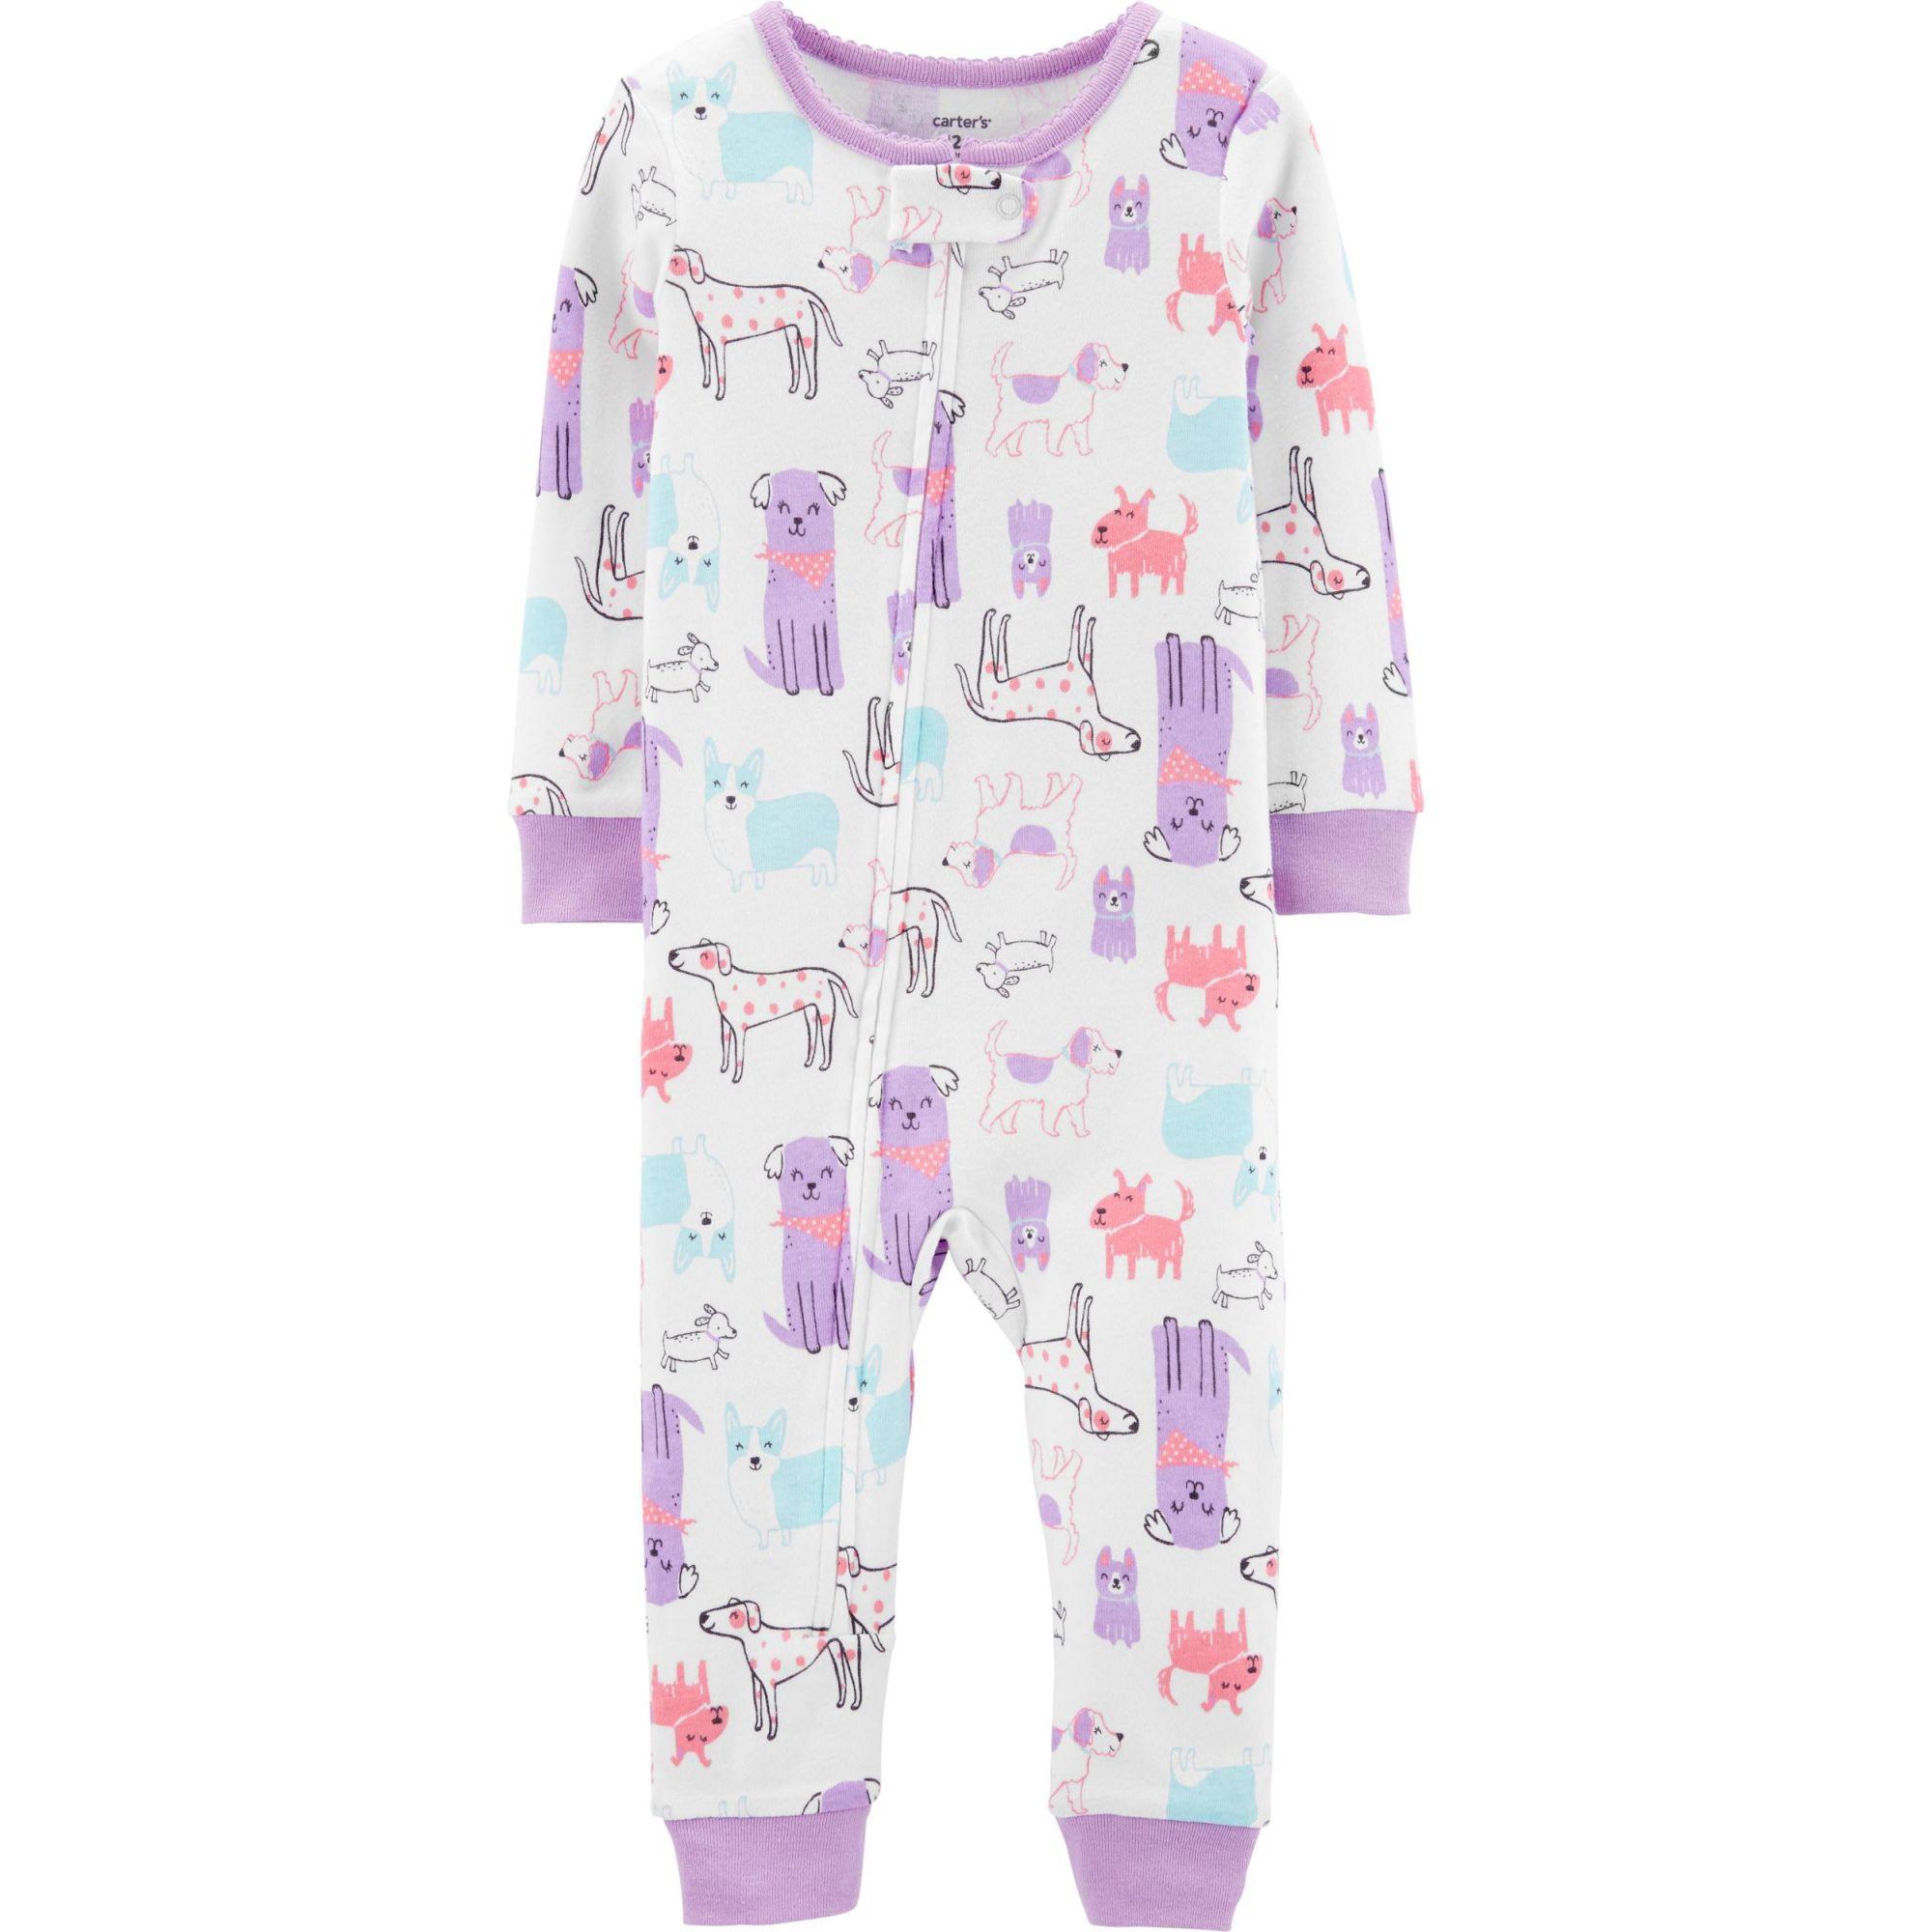 Pijama macacão de malha sem pé lilás cachorros - Carters  - Kaiuru Kids